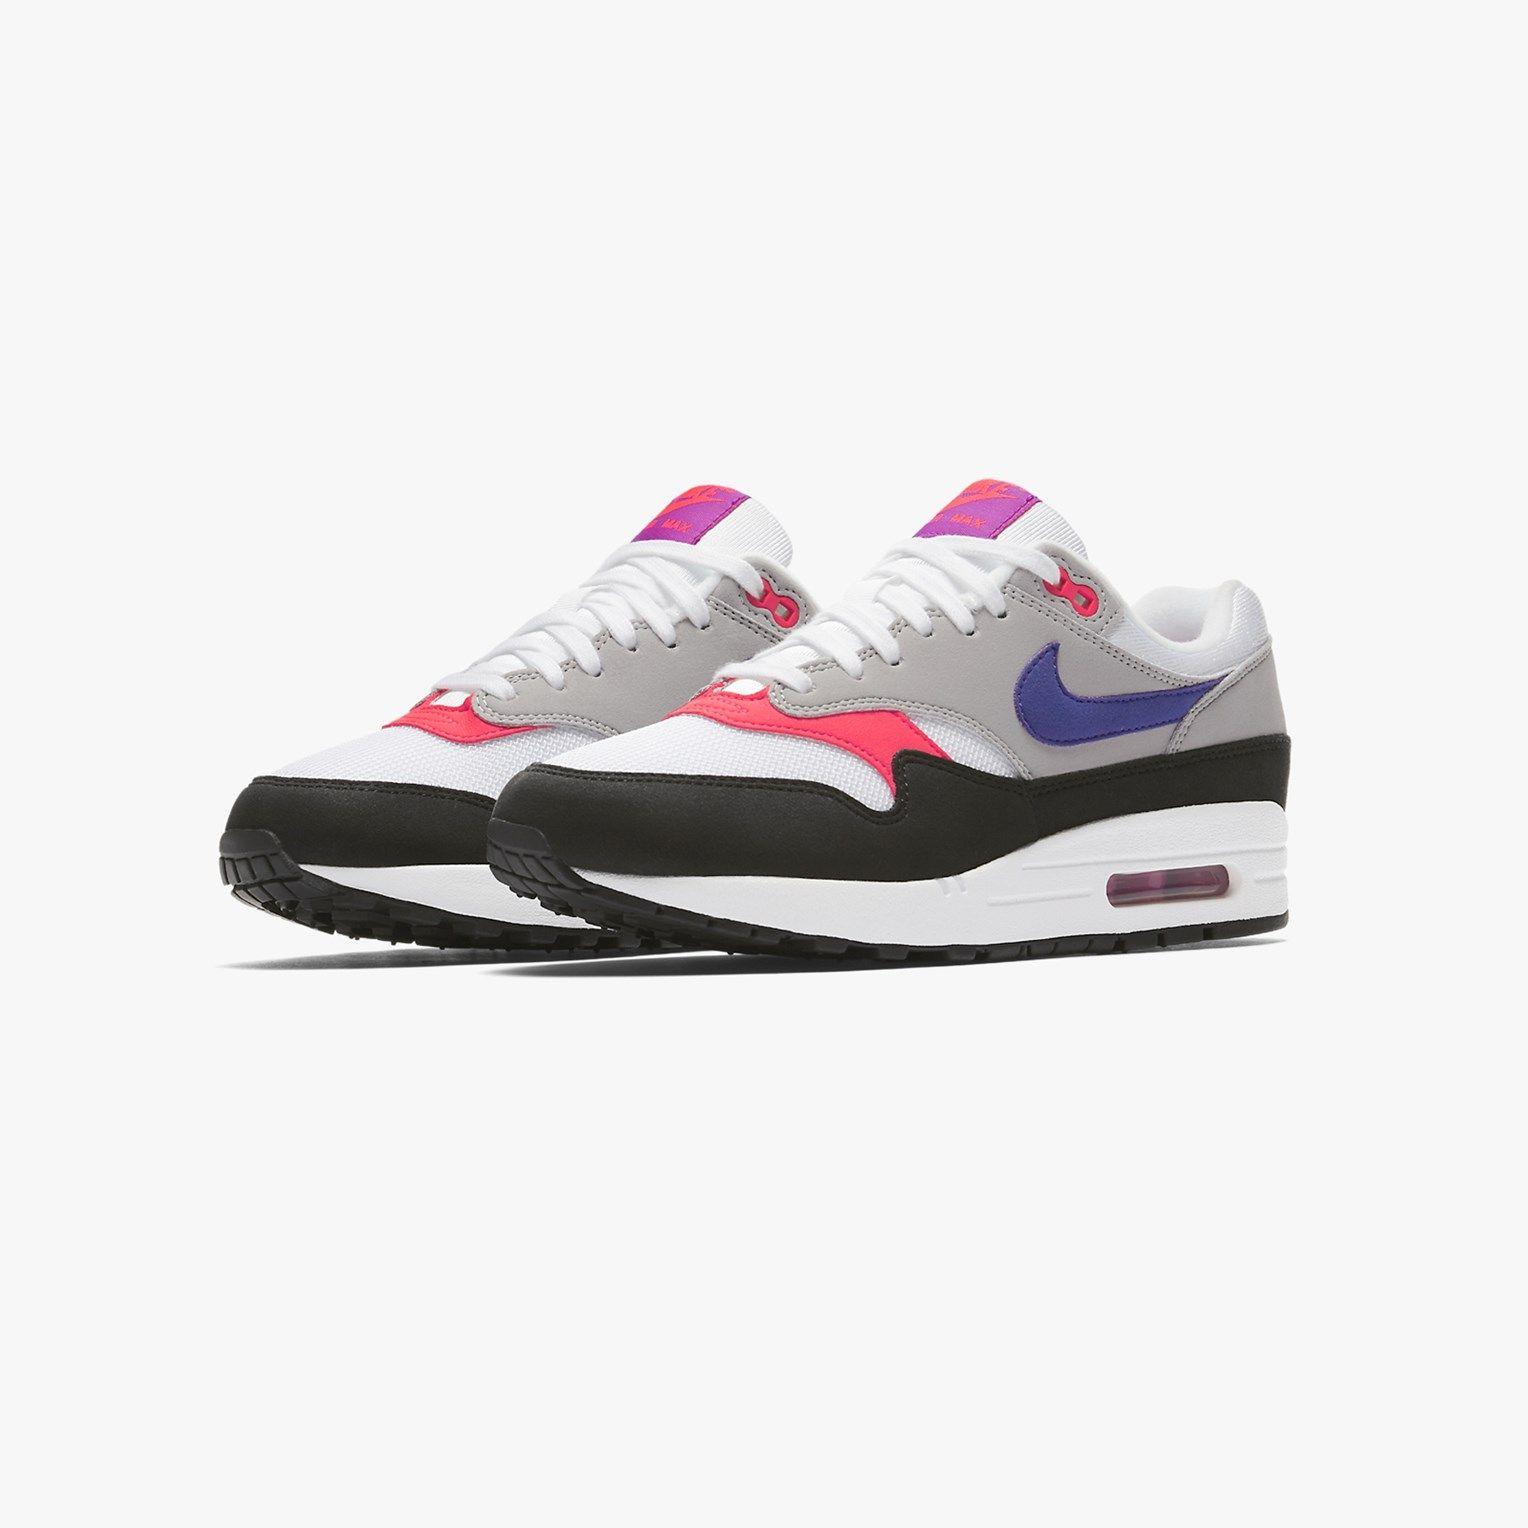 2a341560 Nike Wmns Air Max 1 - 319986-114 - Sneakersnstuff   sneakers & streetwear  online